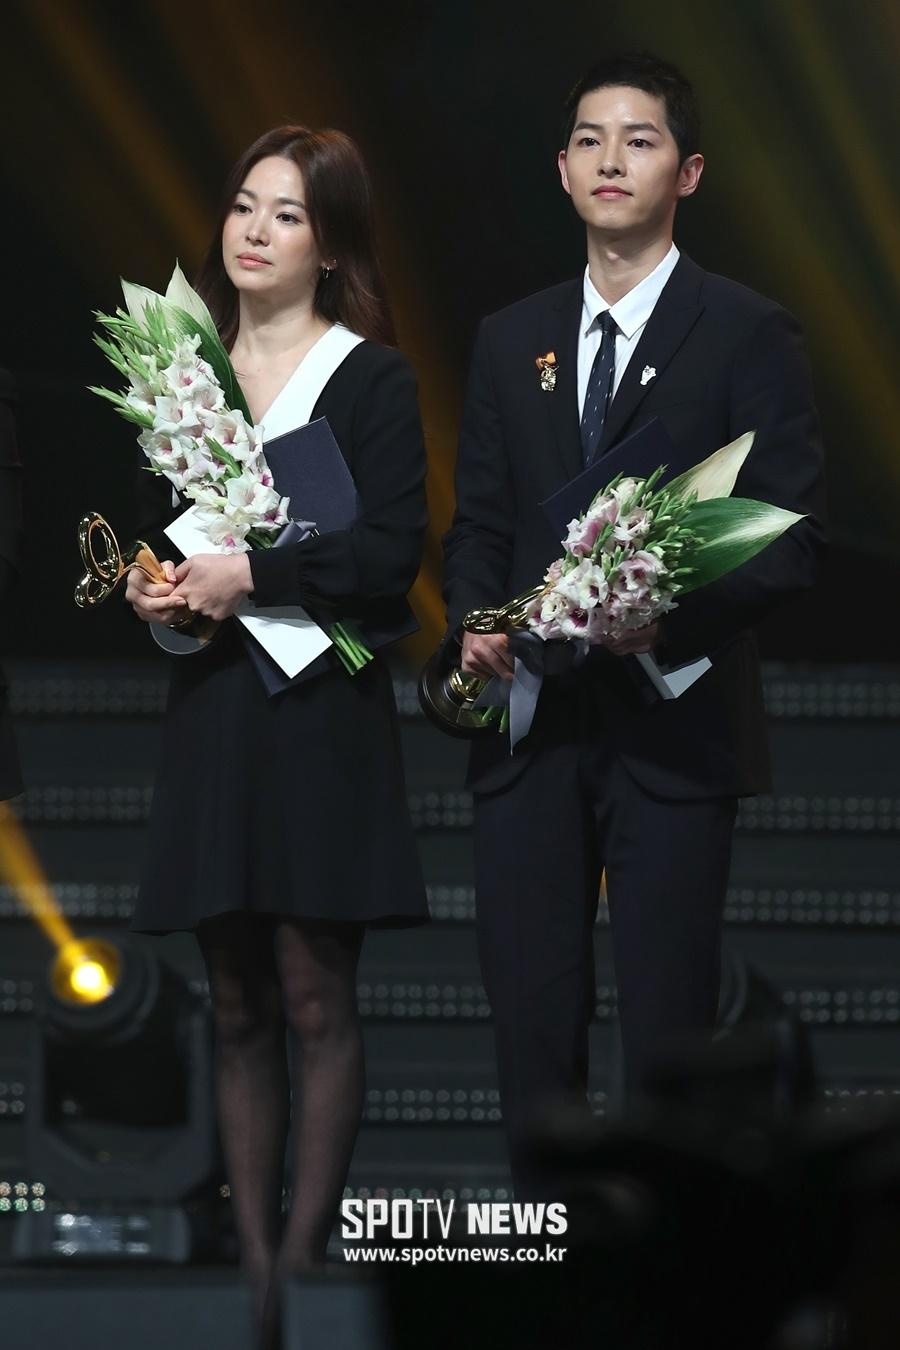 Động thái phũ phàng gây bất ngờ của Song Hye Kyo sau phiên tòa ly hôn 5 phút - 1